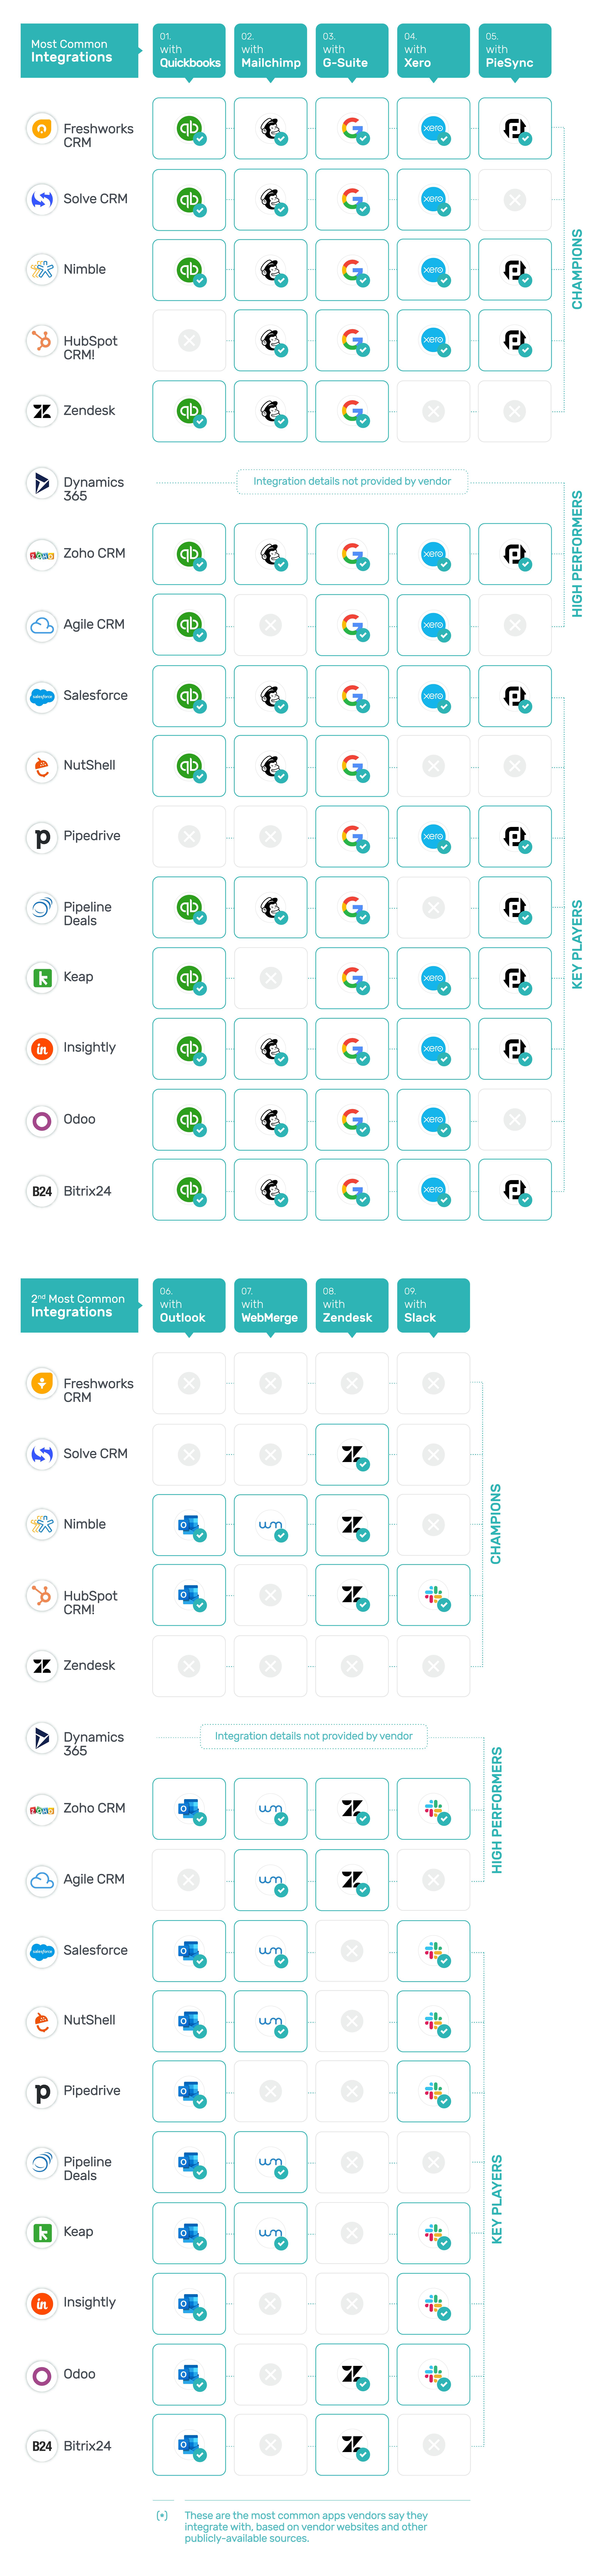 Most Common App Integrations matrix